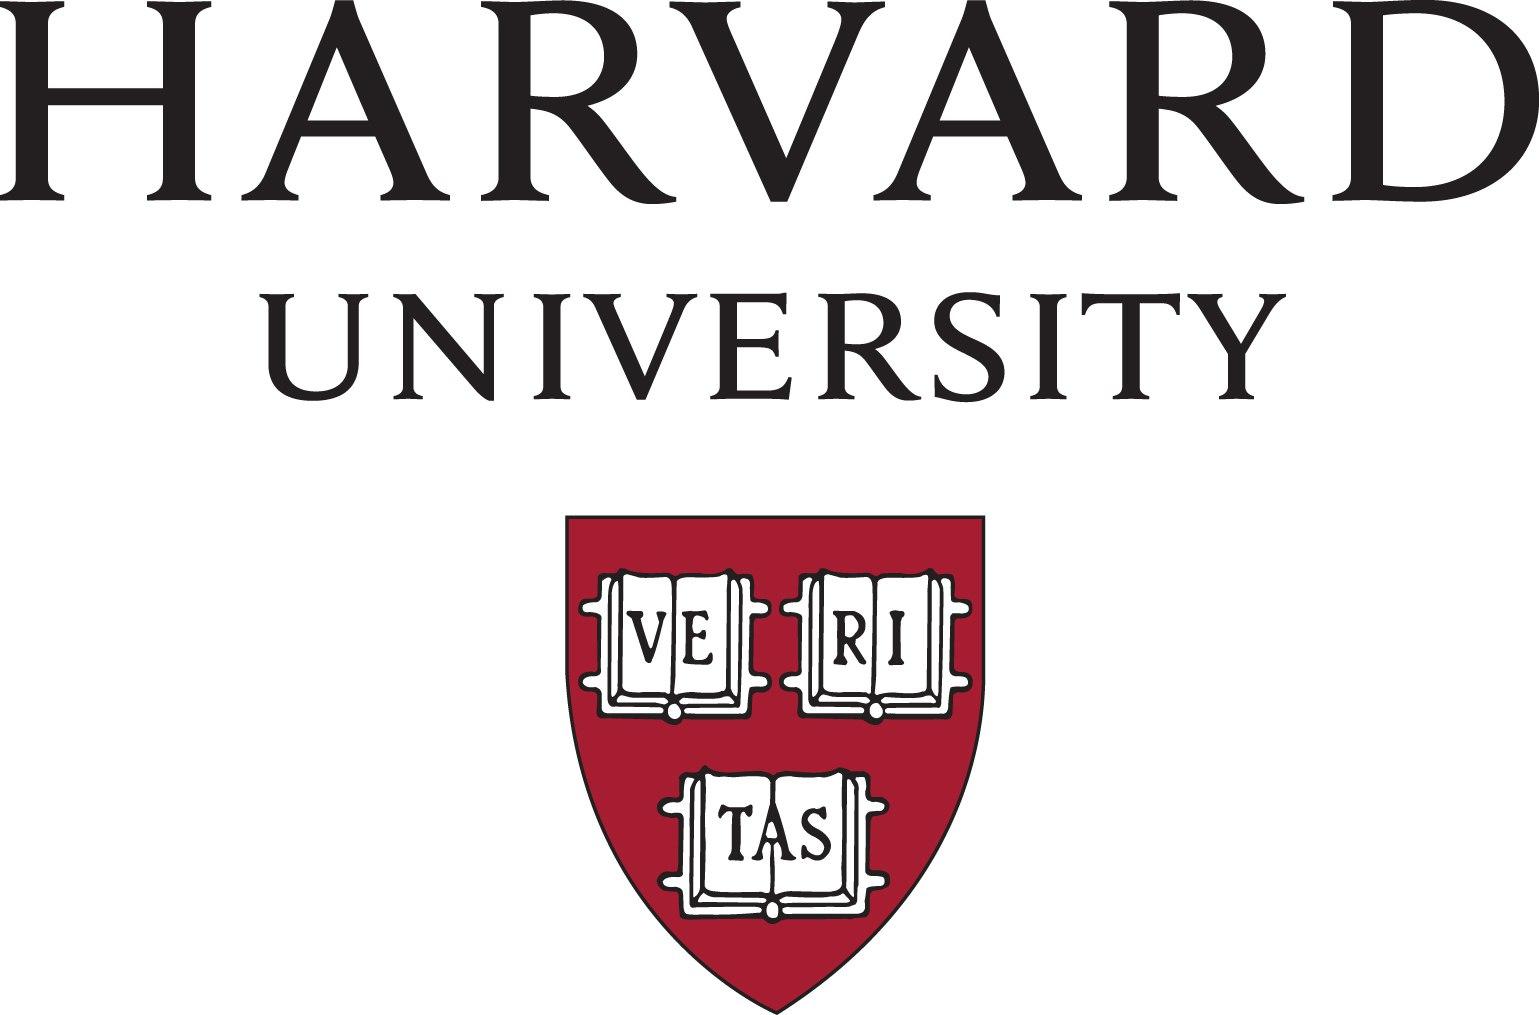 فرصة الحصول على الدورات الإلكترونية مجانية بالكامل من جامعة هارفارد | The opportunity to obtain full online courses from Harvard University